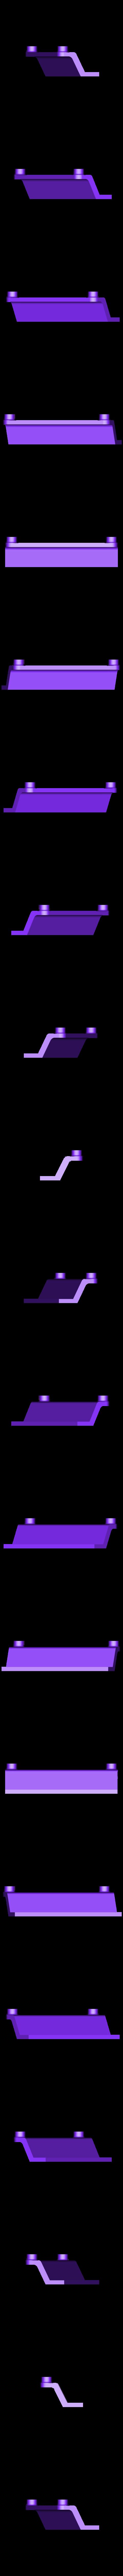 CORE_Holder1.stl Télécharger fichier STL gratuit Shellmo (Remix) • Plan imprimable en 3D, ROYLO